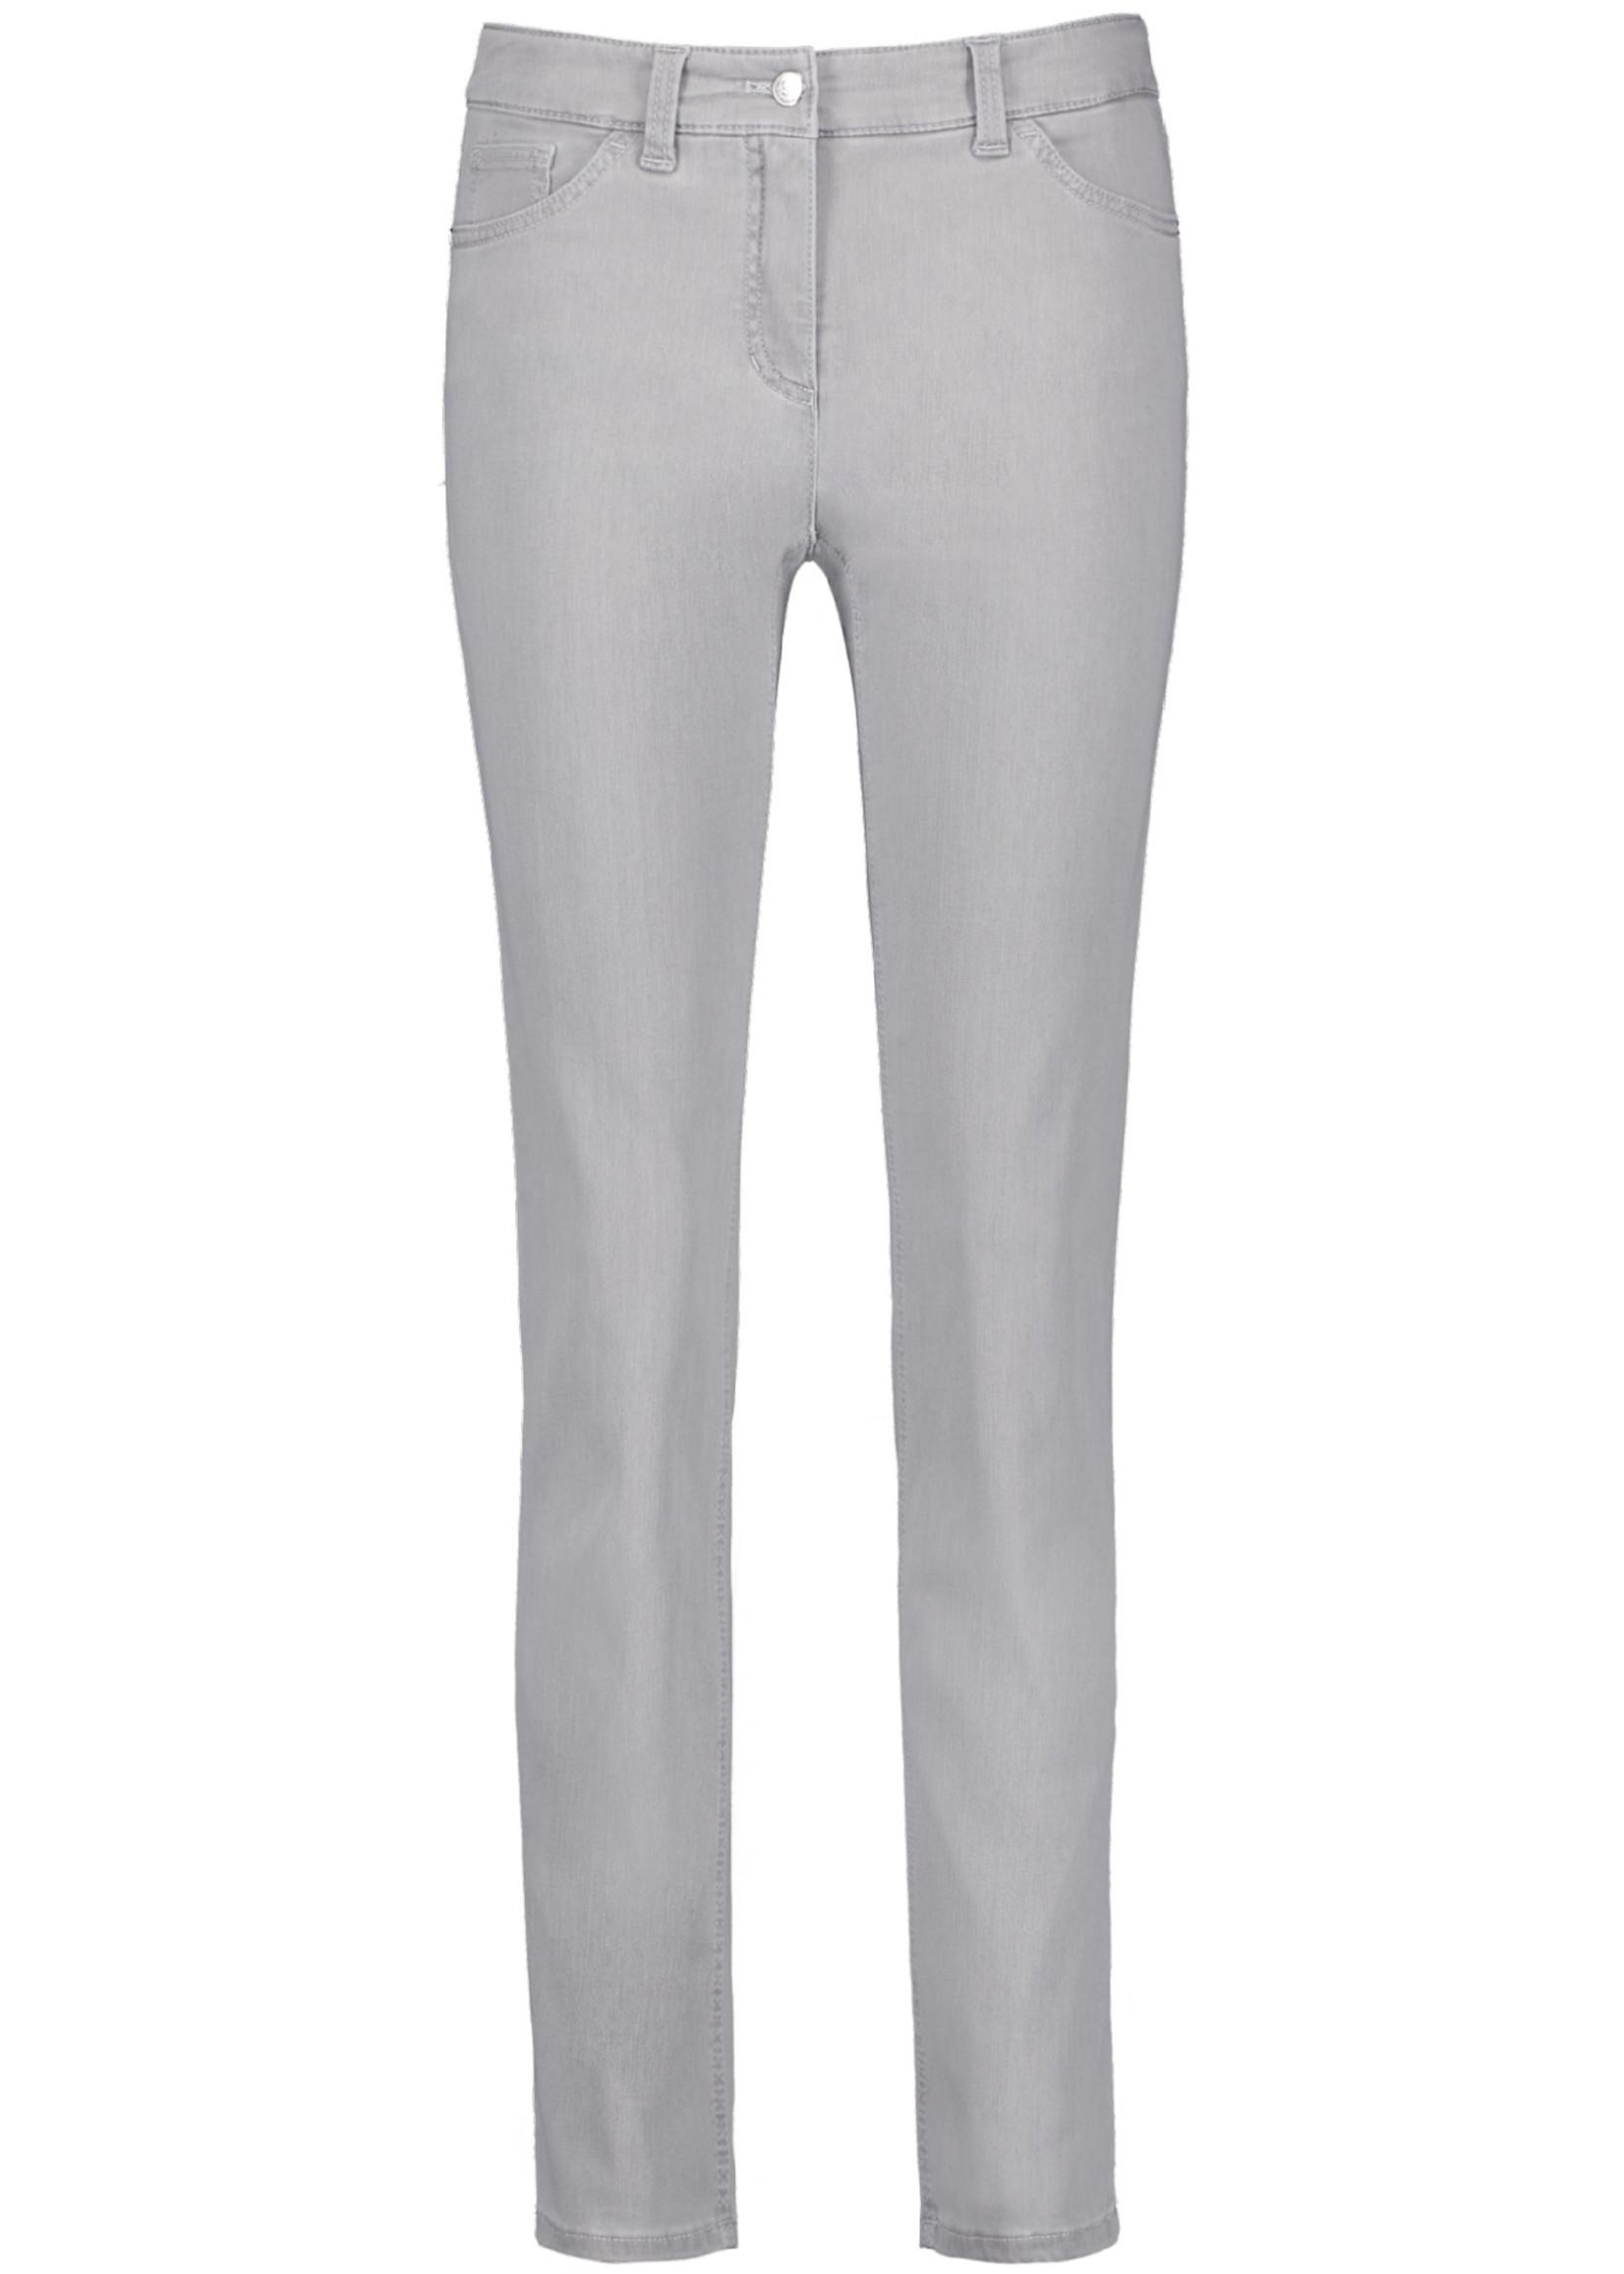 GERRY WEBER Gerry Weber jeans